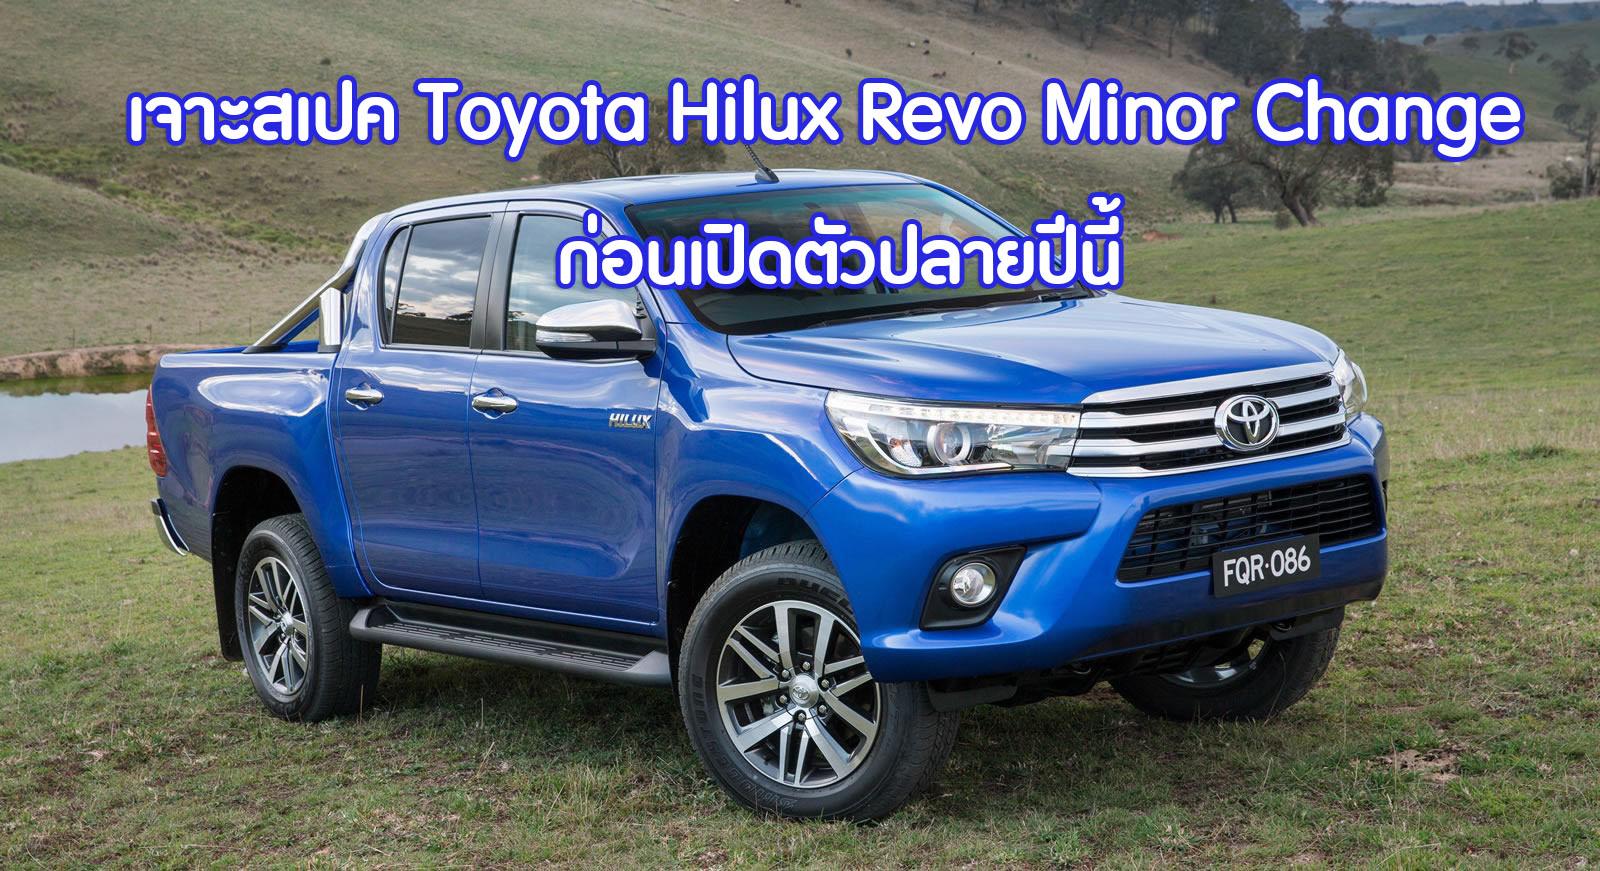 Photo of เจาะสเปค Toyota Hilux Revo Minor Change ก่อนเปิดตัวปลายปีนี้